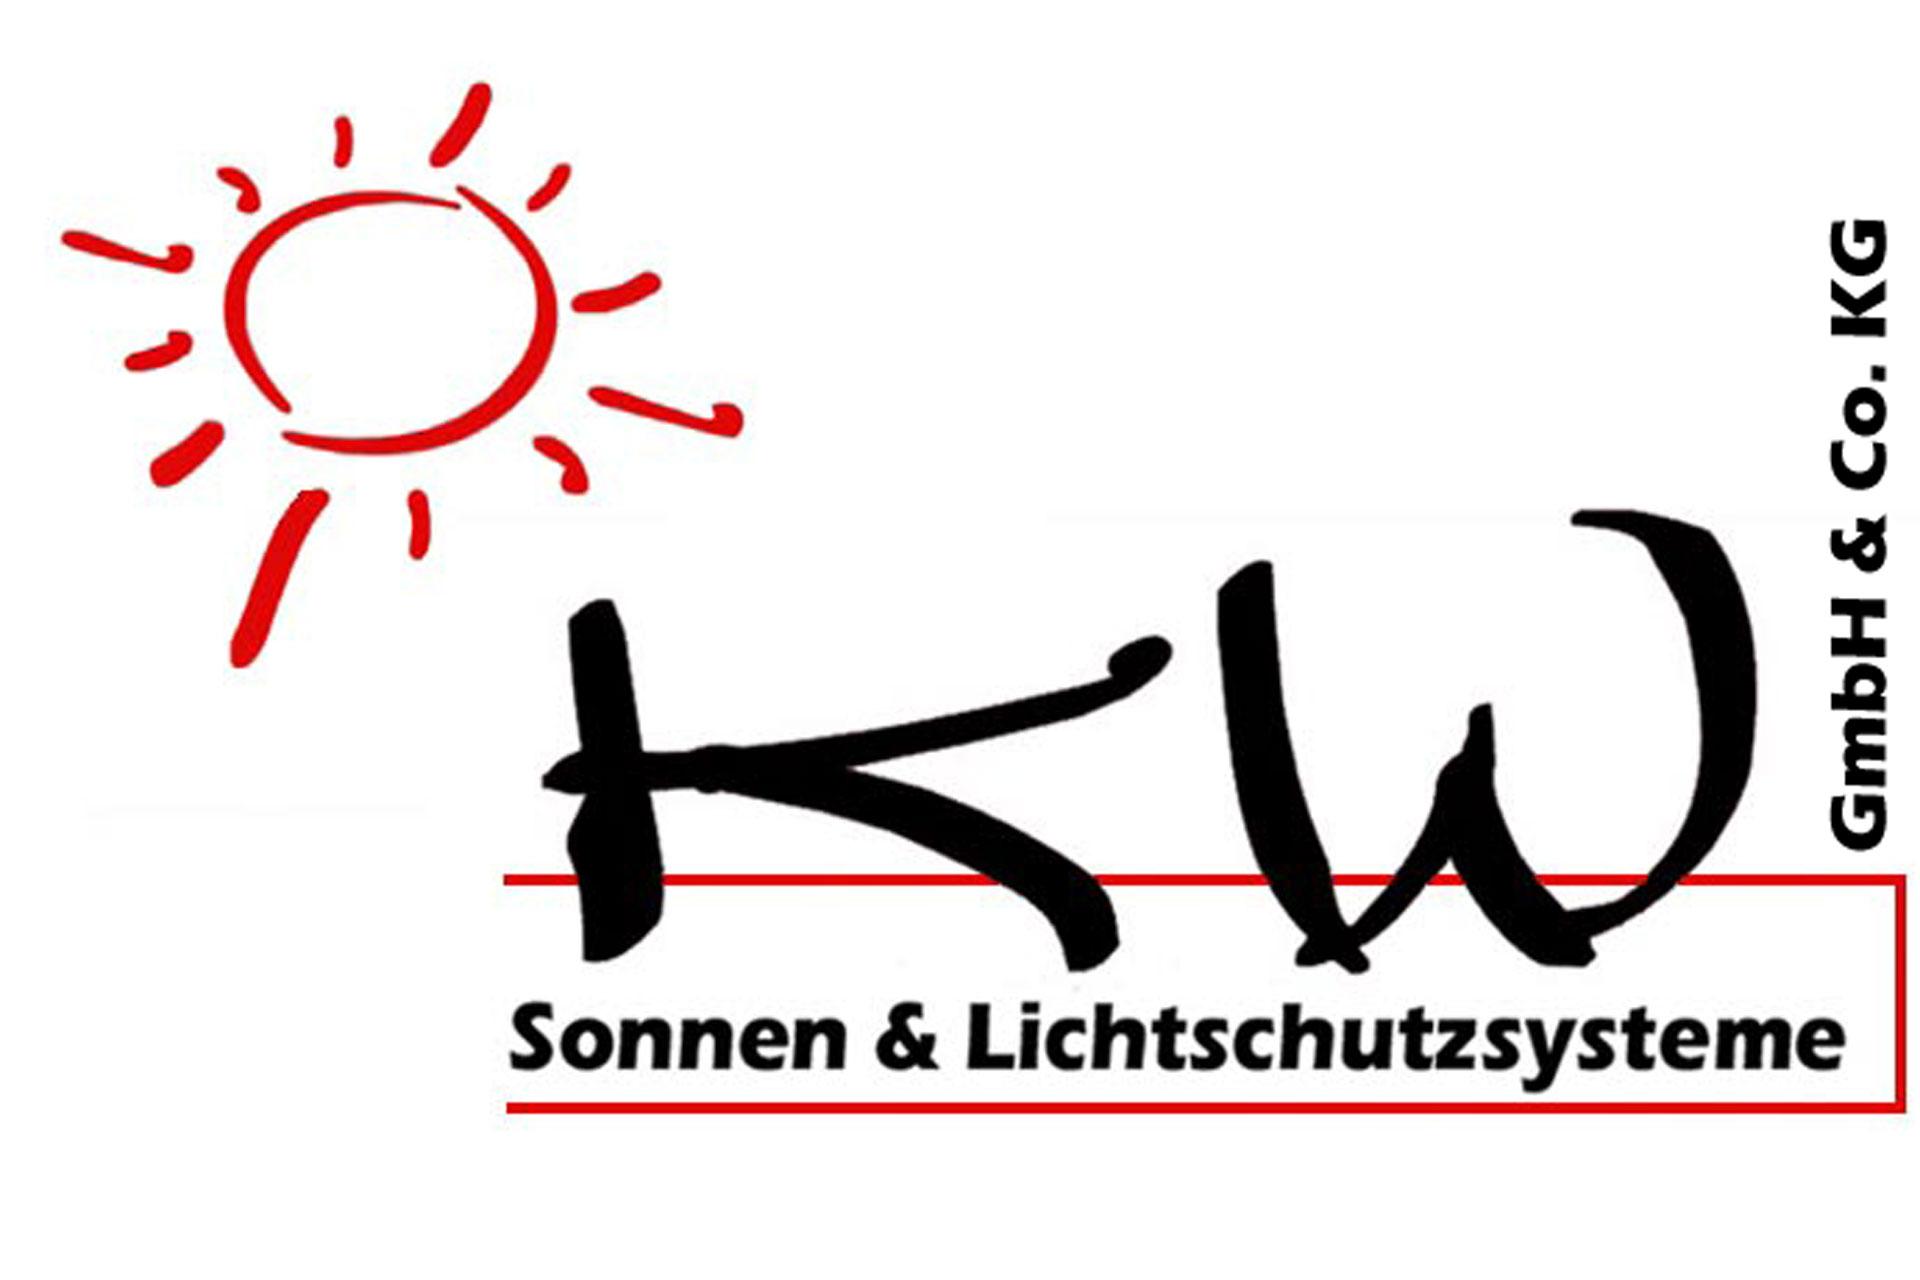 Logo KW Sonnen & Lichtschutzsysteme